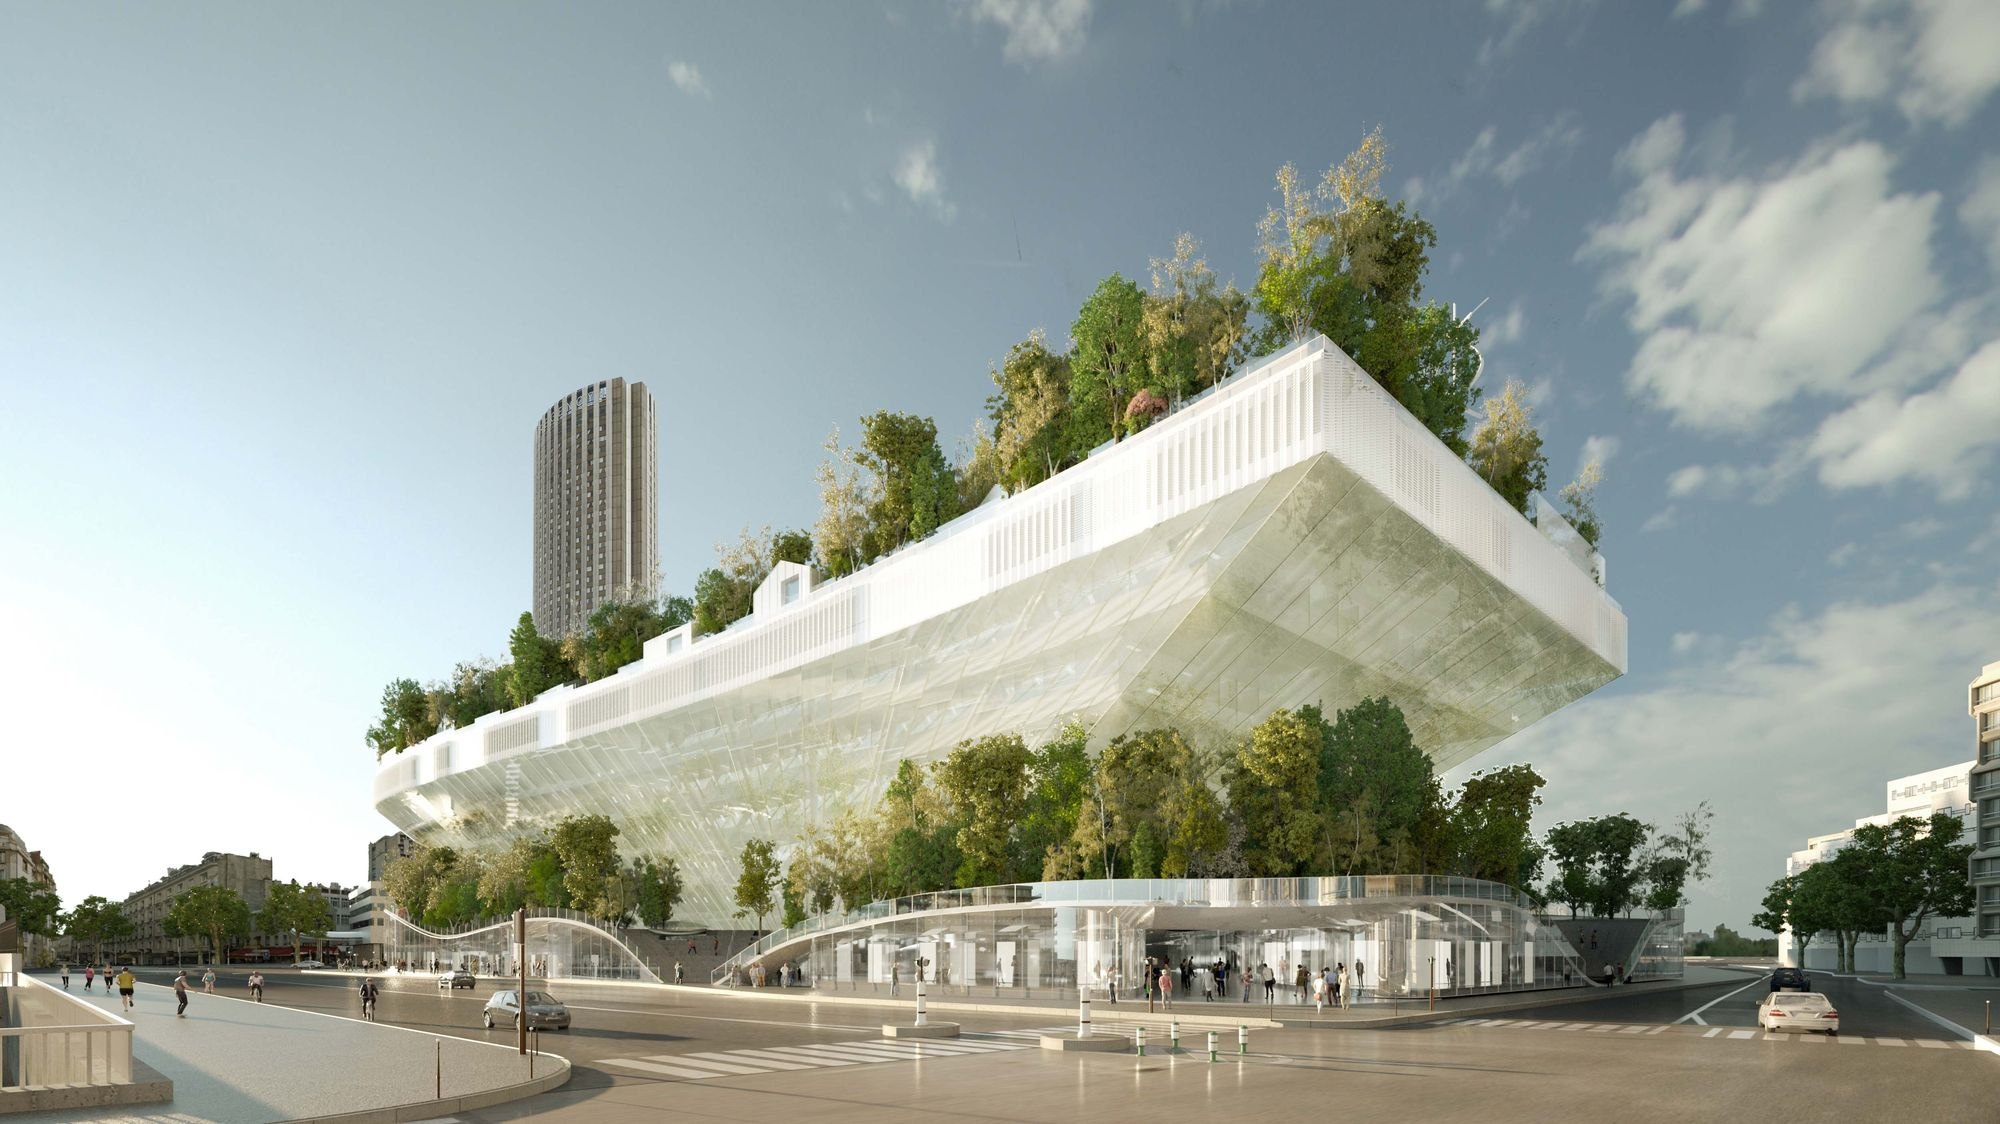 Mille arbres porte maillot paris futur for Architecture projet